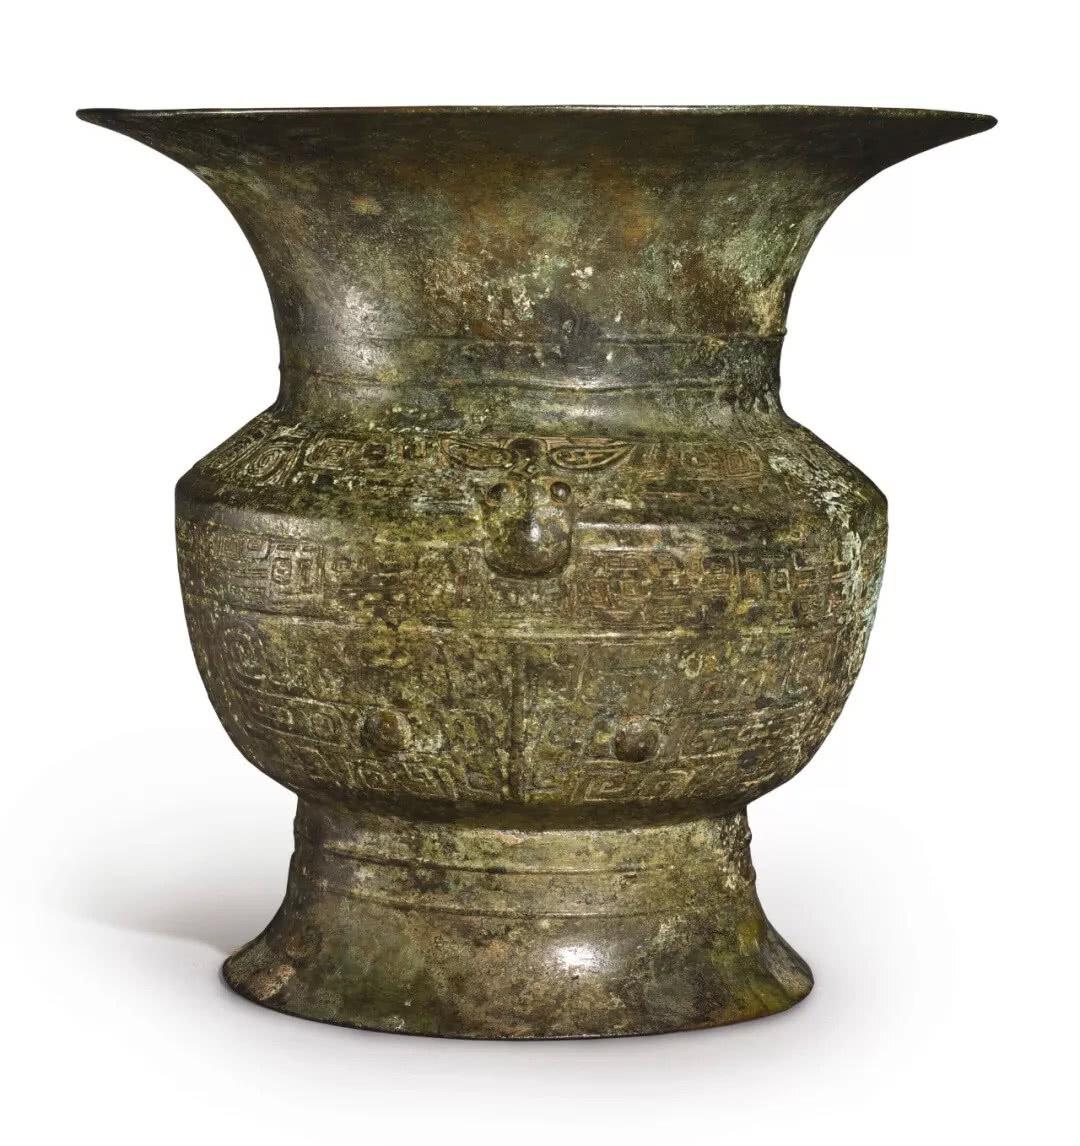 An archaic bronze ritual wine vessel (zun), Shang dynasty, Yinxu period (1300-1046 BCE)